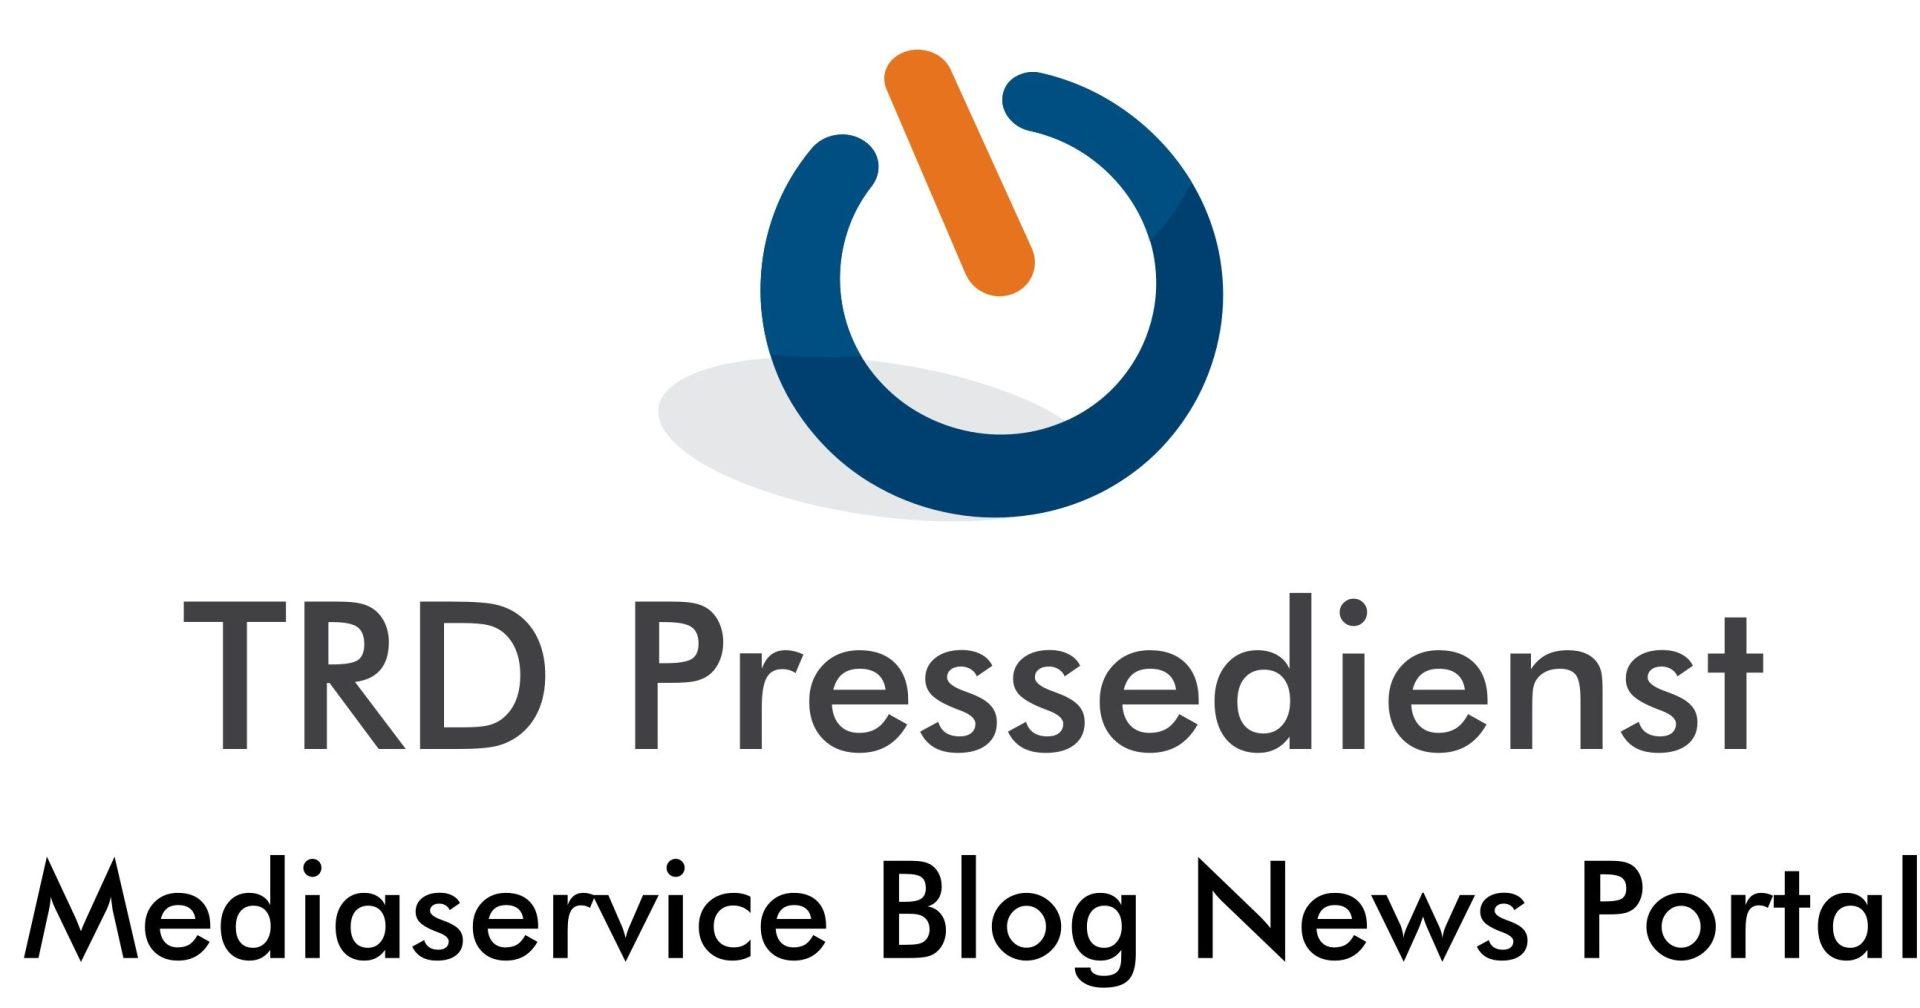 TRD Pressedienst